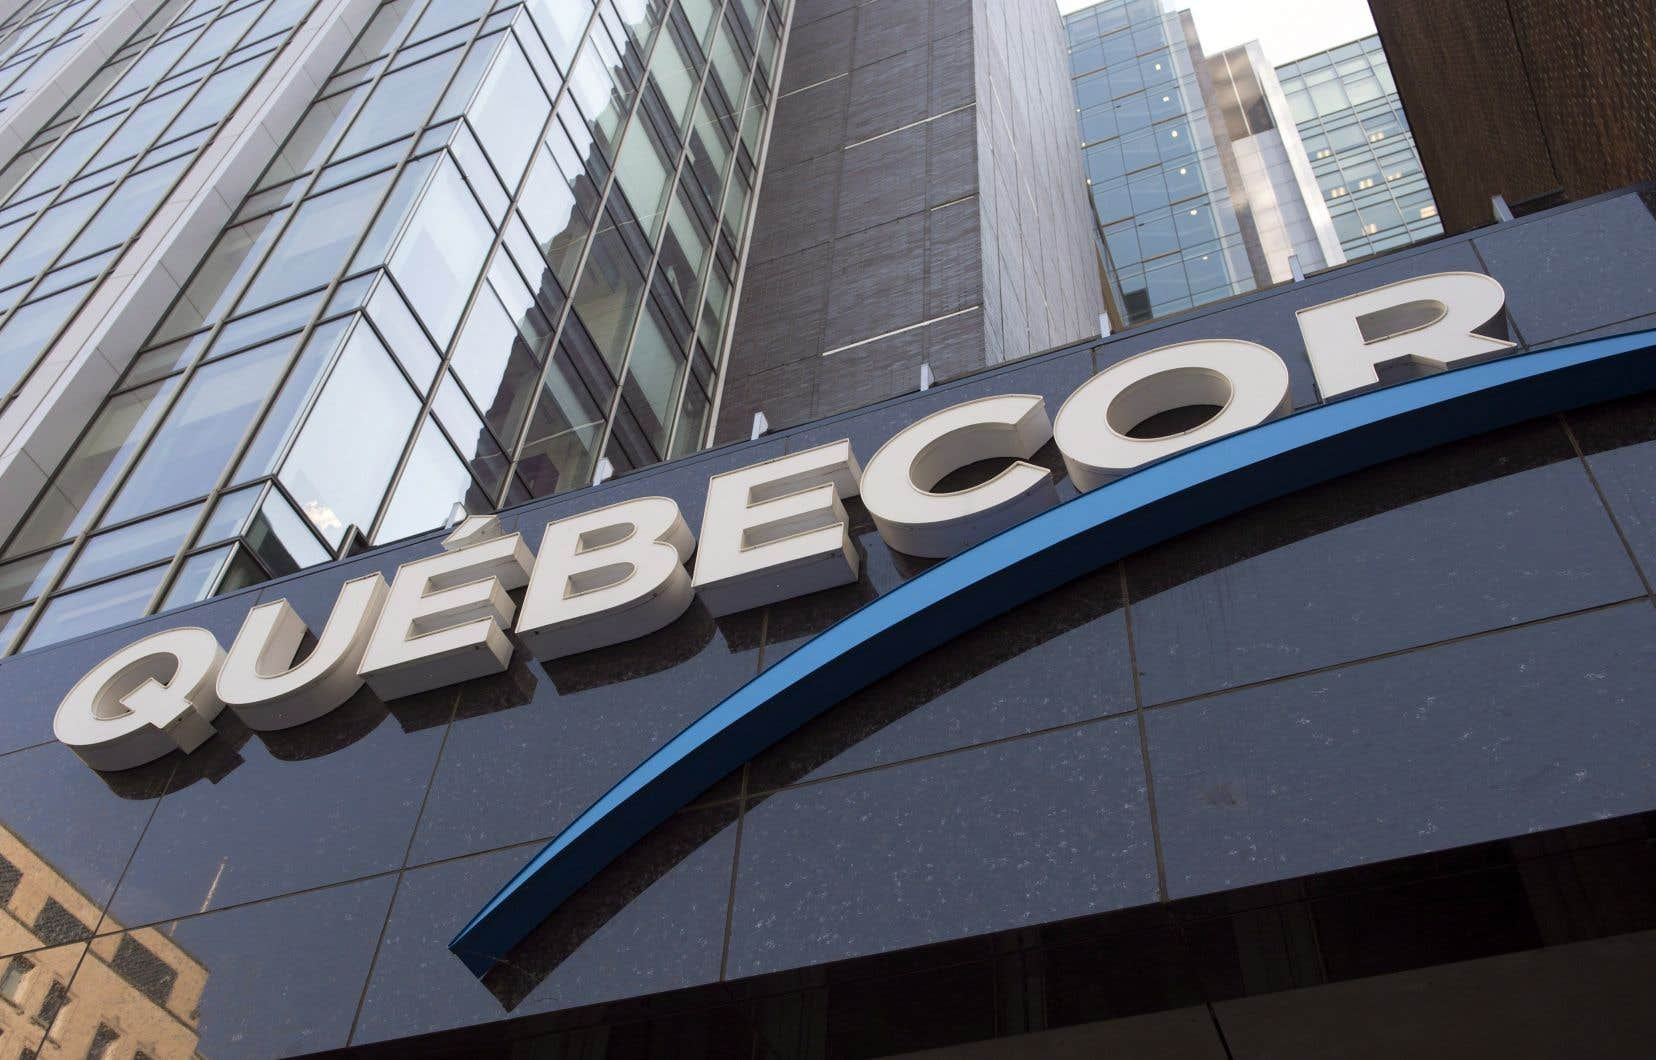 <p>Québecor a assuré que des mesures d'aide financière et d'accompagnement seront offertes aux employés touchés.</p>